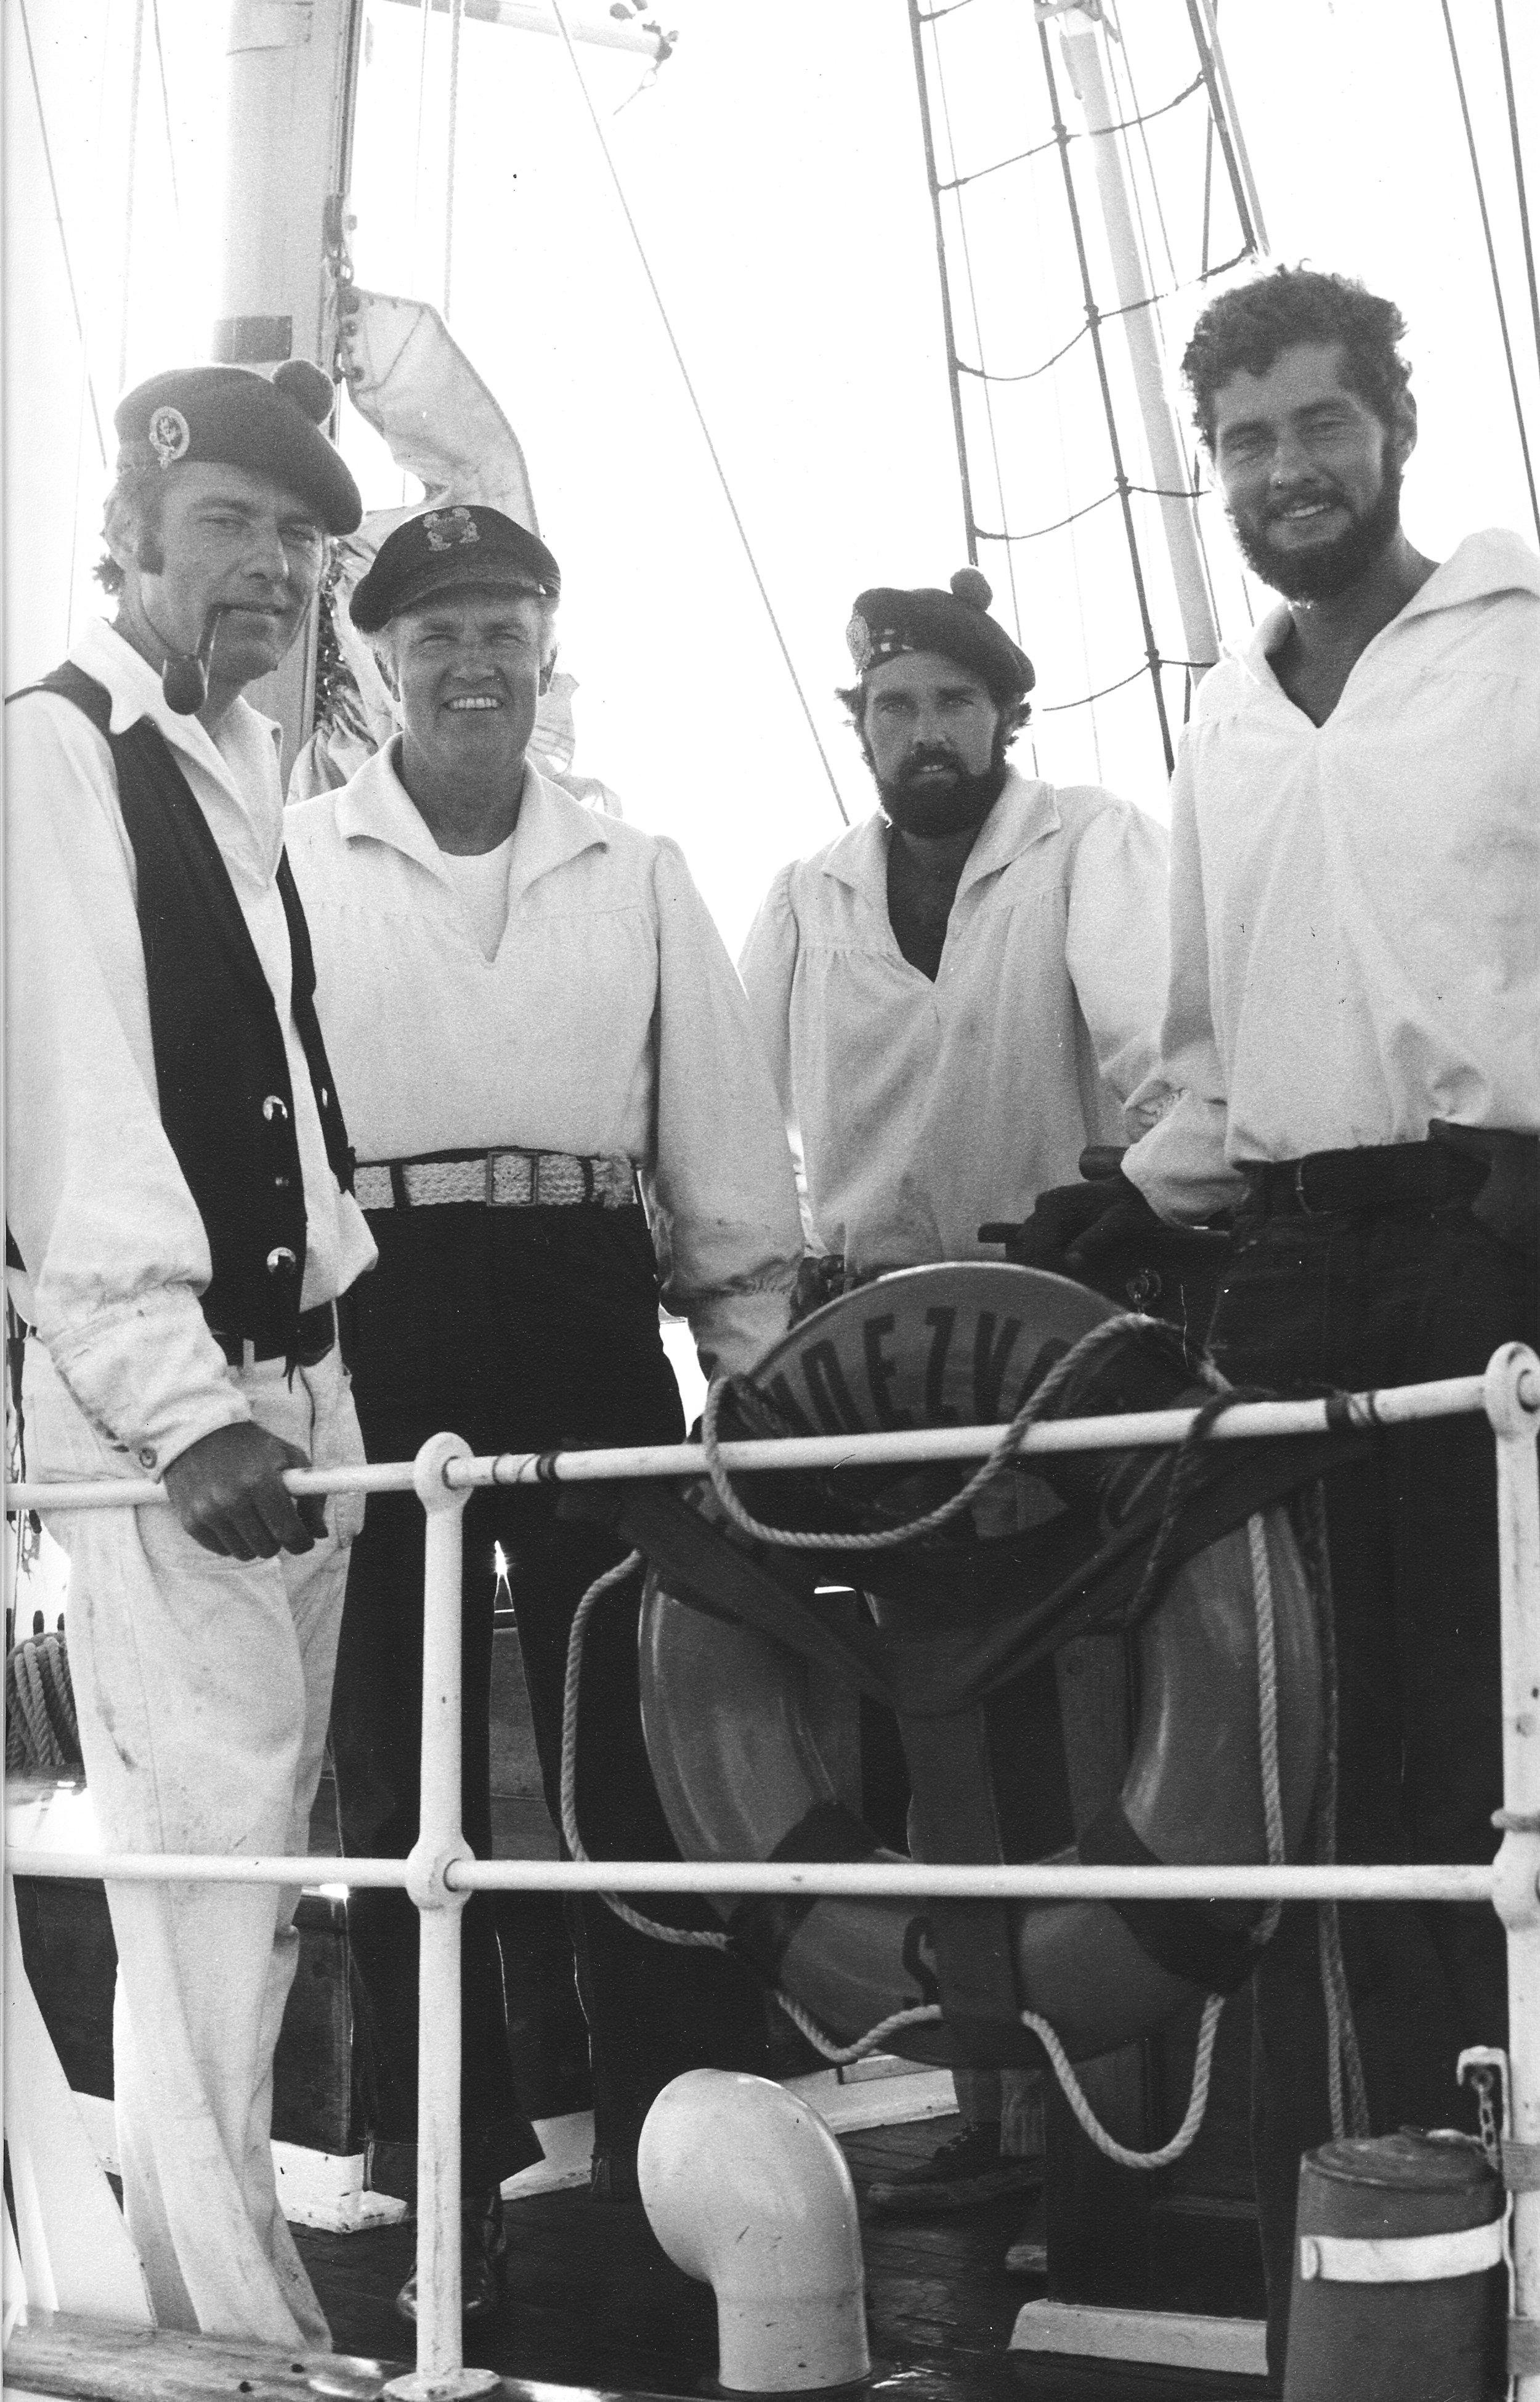 The Thomas crew on  Brigantine Rendezvous